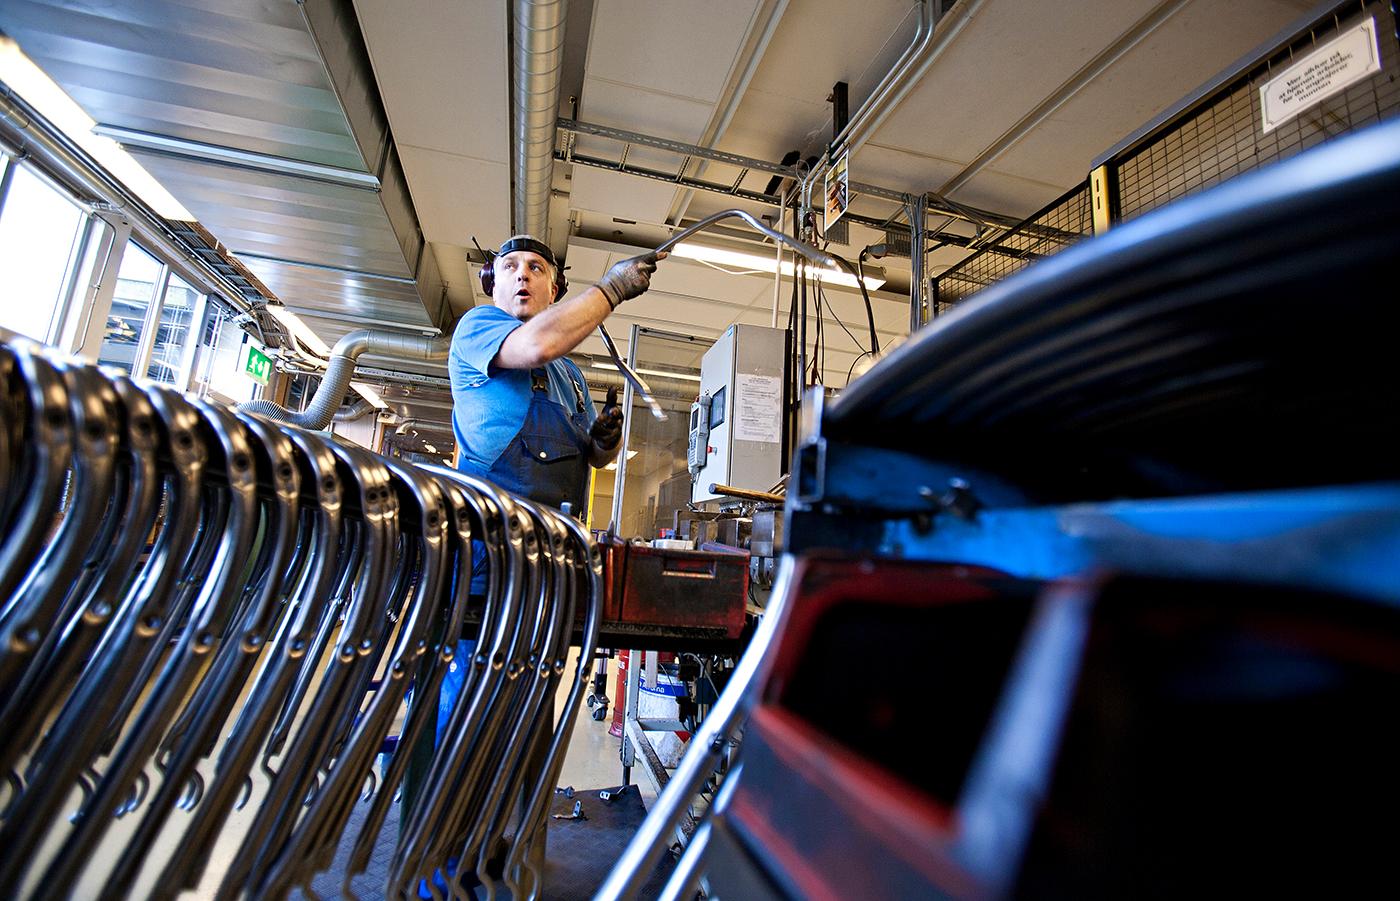 Möbelproduktion bei Ekornes in Ikornnes -Einblick in die Stahlverarbeitung